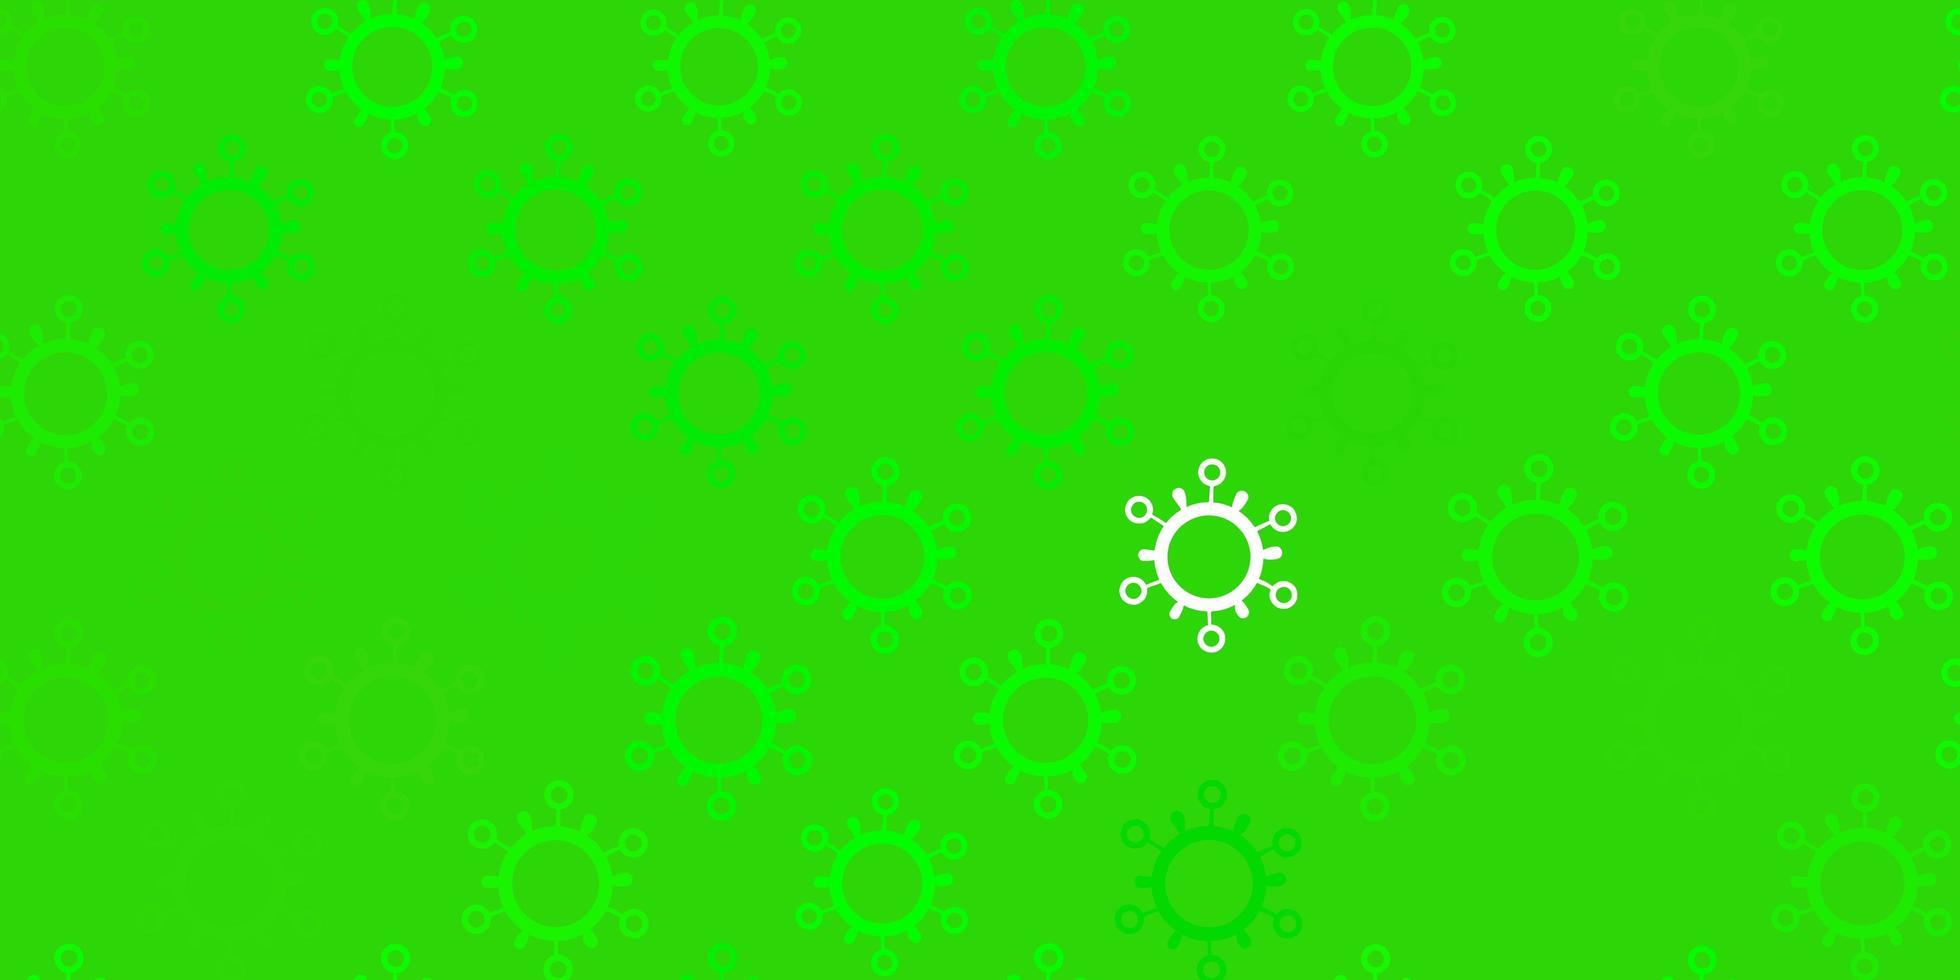 dunkelgrüne Vektorschablone mit Grippezeichen vektor